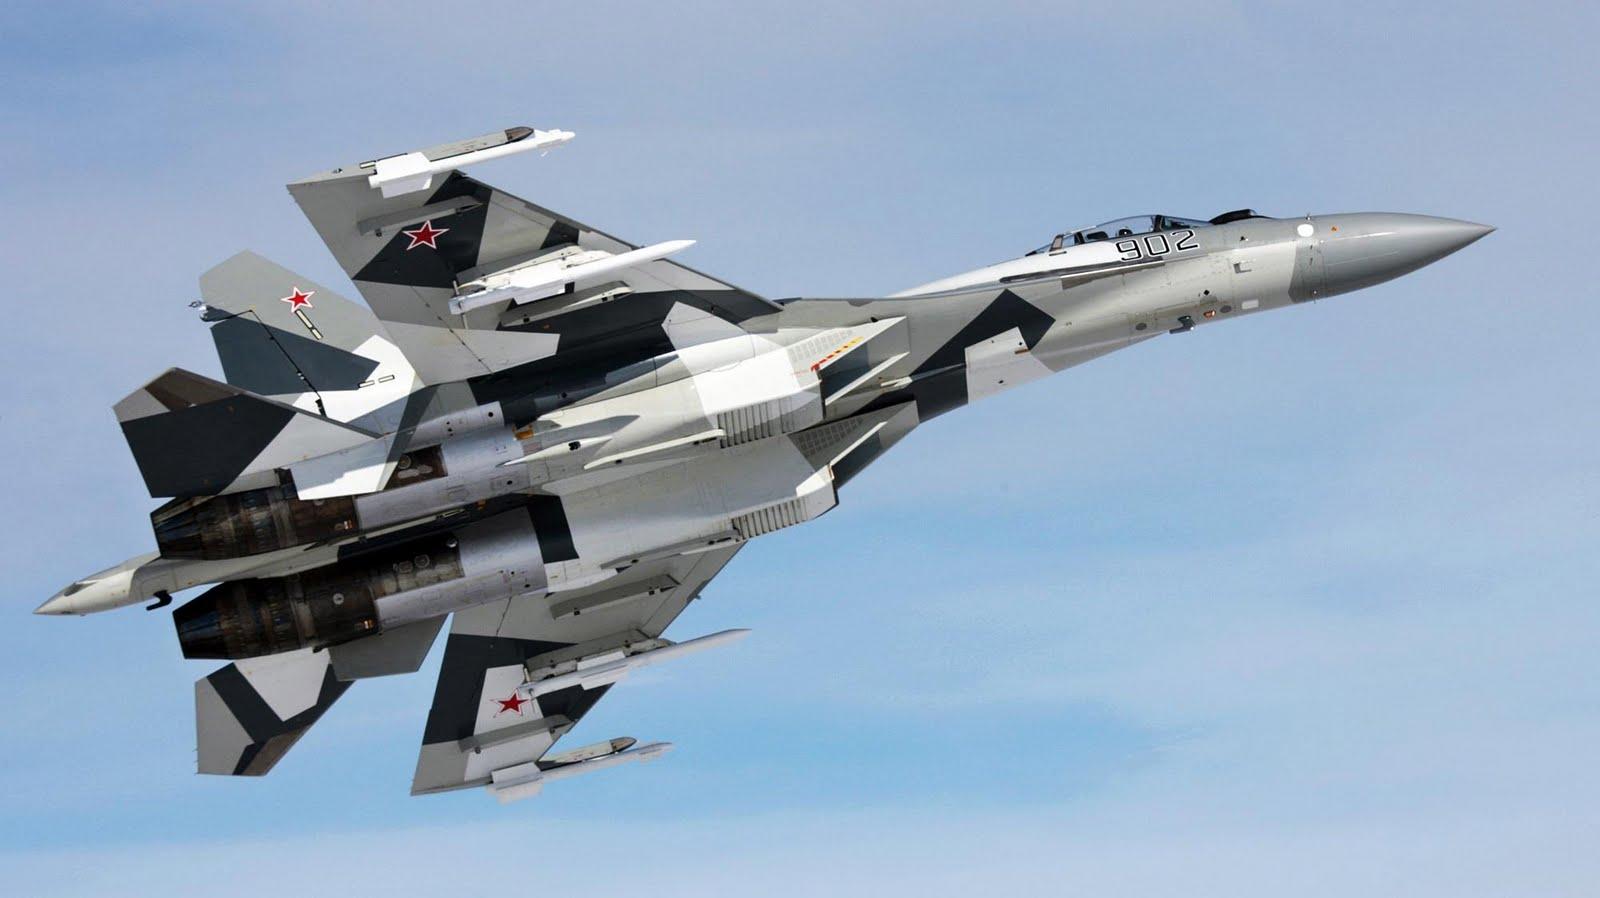 Rússia garante transferência de tecnologia do caça SU-35 - GGN